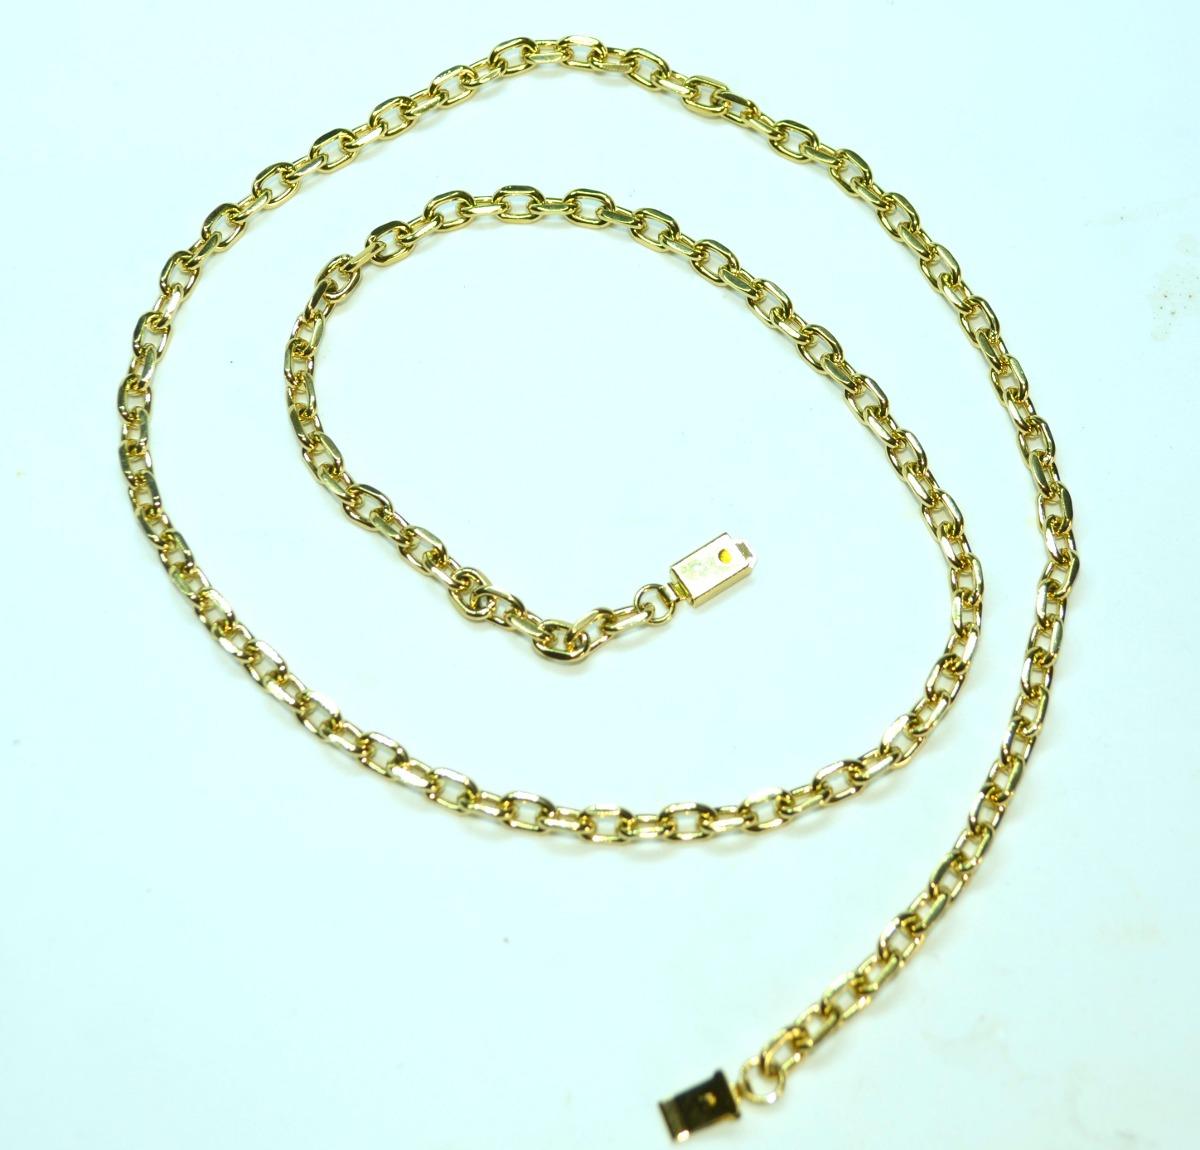 88b6fb4ce88 corrente cordão masculino cartier banhada ouro fecho gaveta. Carregando  zoom.